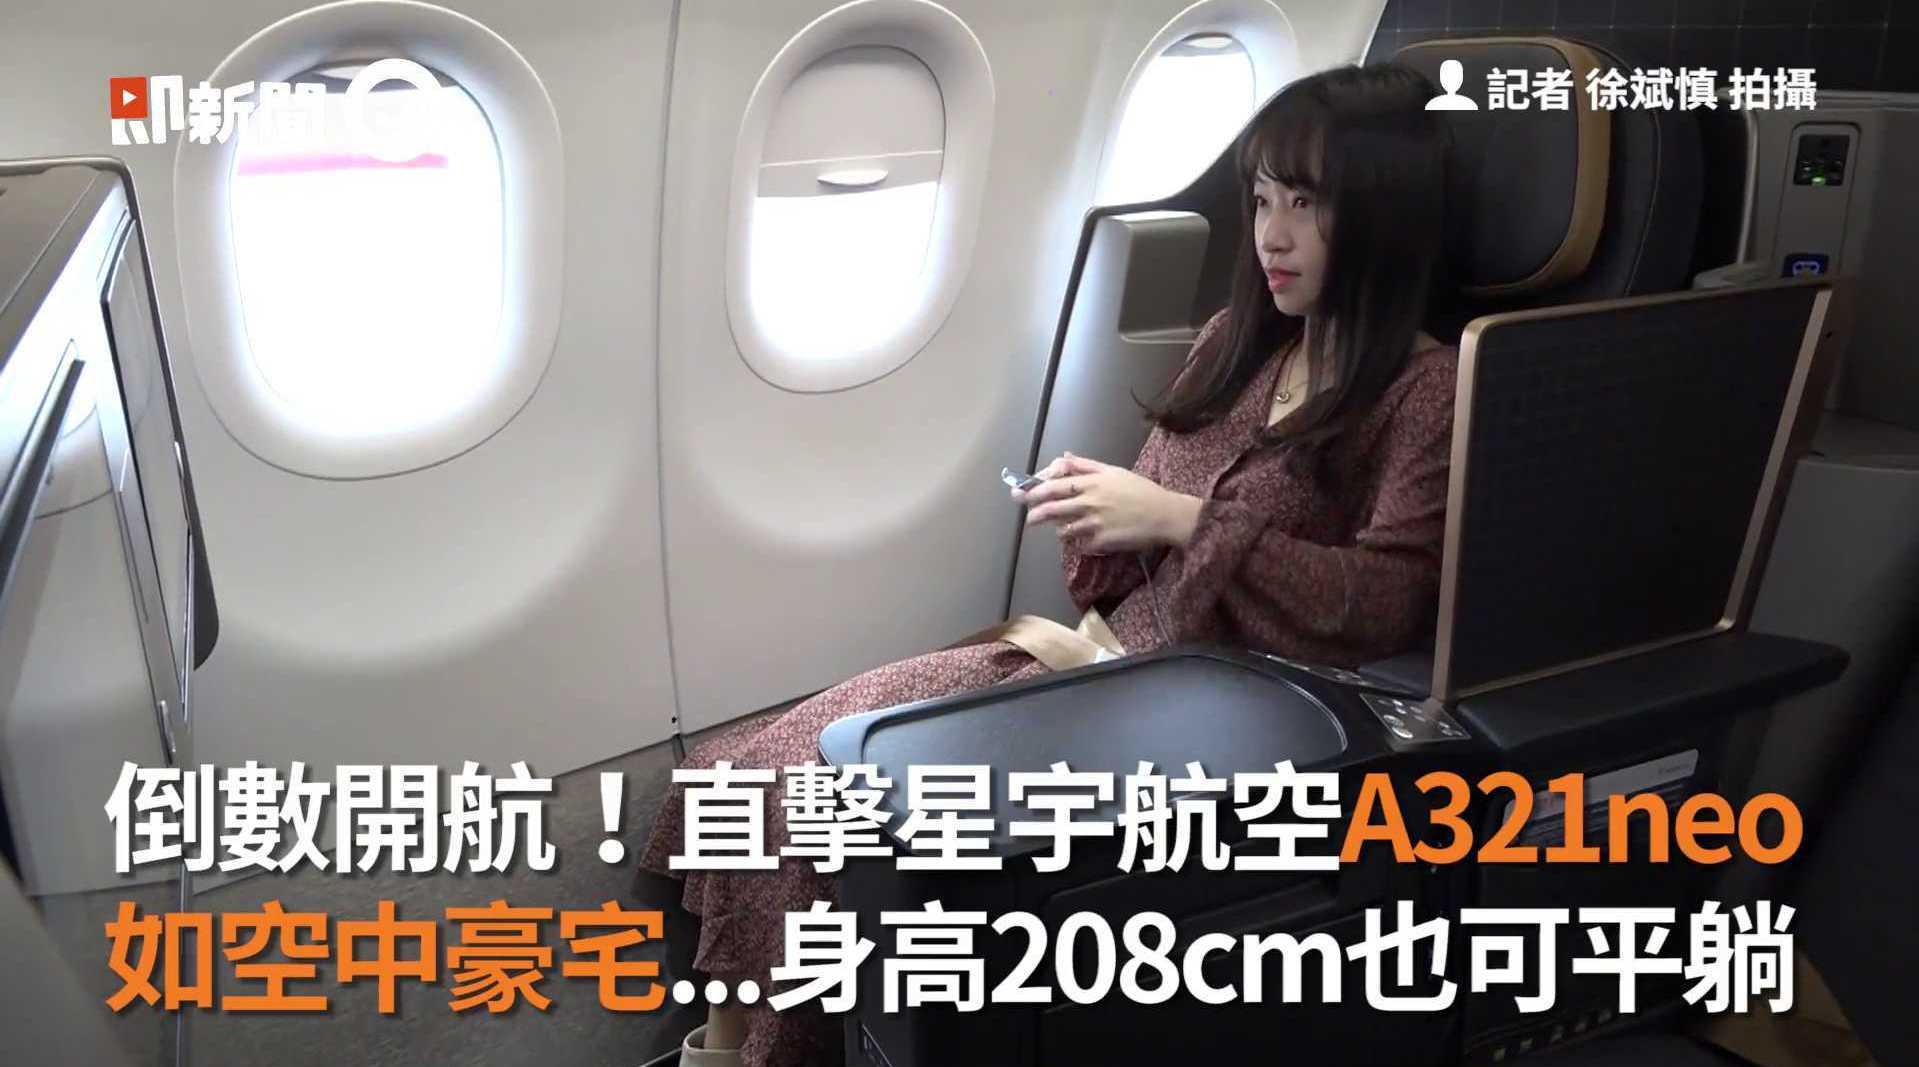 直击星宇航空A321neo,高级内装如空中豪宅